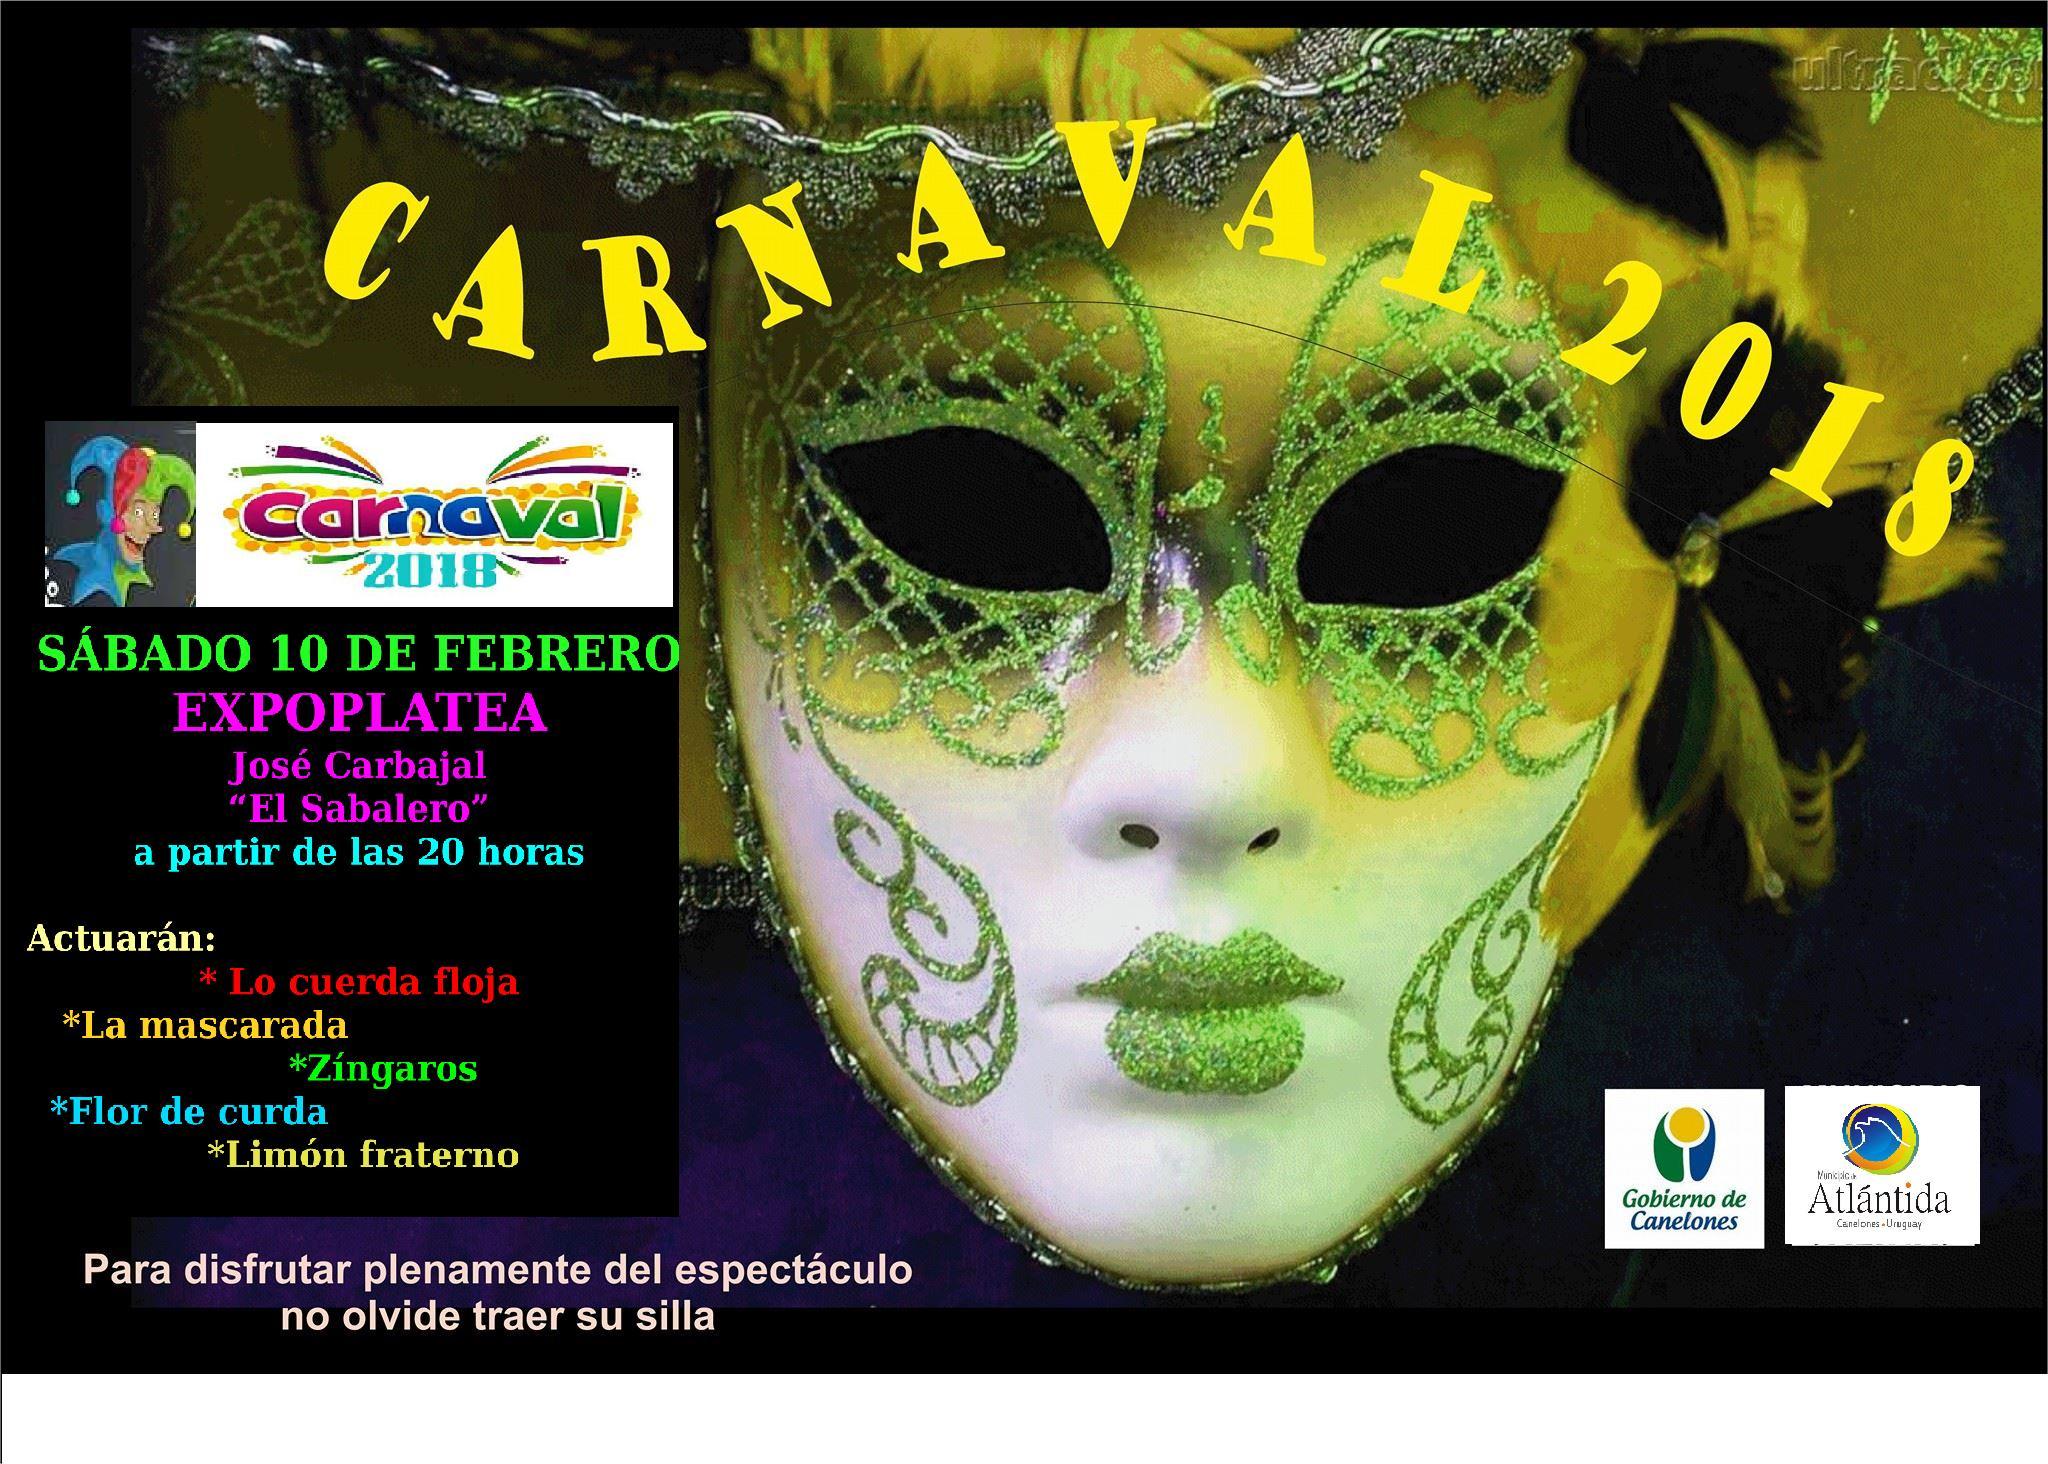 Escenario de Carnaval 2018 en la Expoplatea José Carbajal